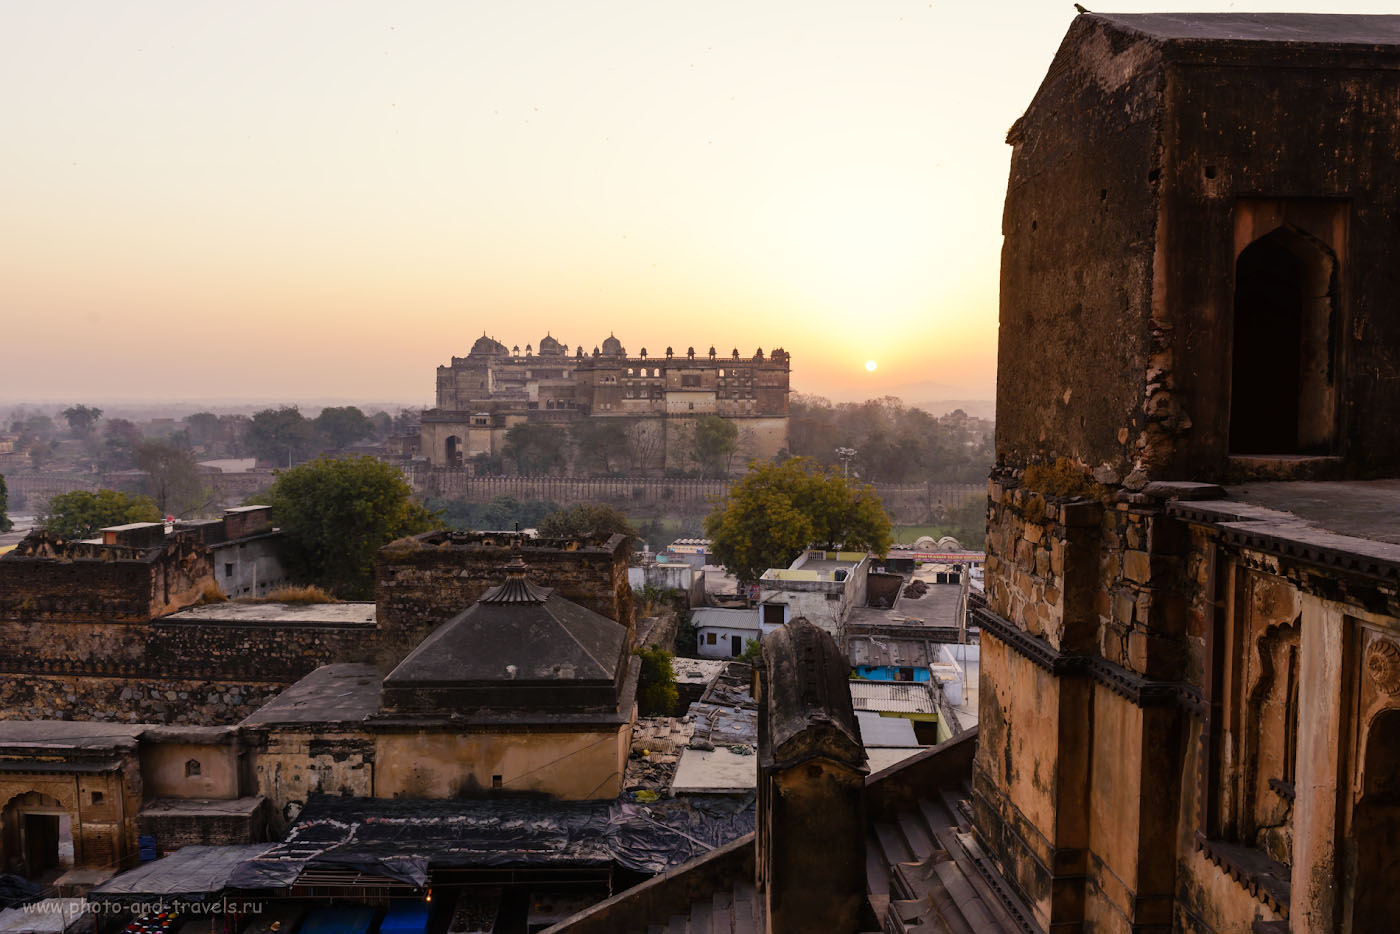 Снимок 12. Рассвет над дворцом Радж Махал (Raja Mahal) в Орчхе. Отзывы туристов об отдыхе в Индии. Фотоаппарат Nikon D610, объектив Nikon 70-200mm f/2.8G. Параметры съемки: 1/60, -1.33, 8.0, 200, 27.